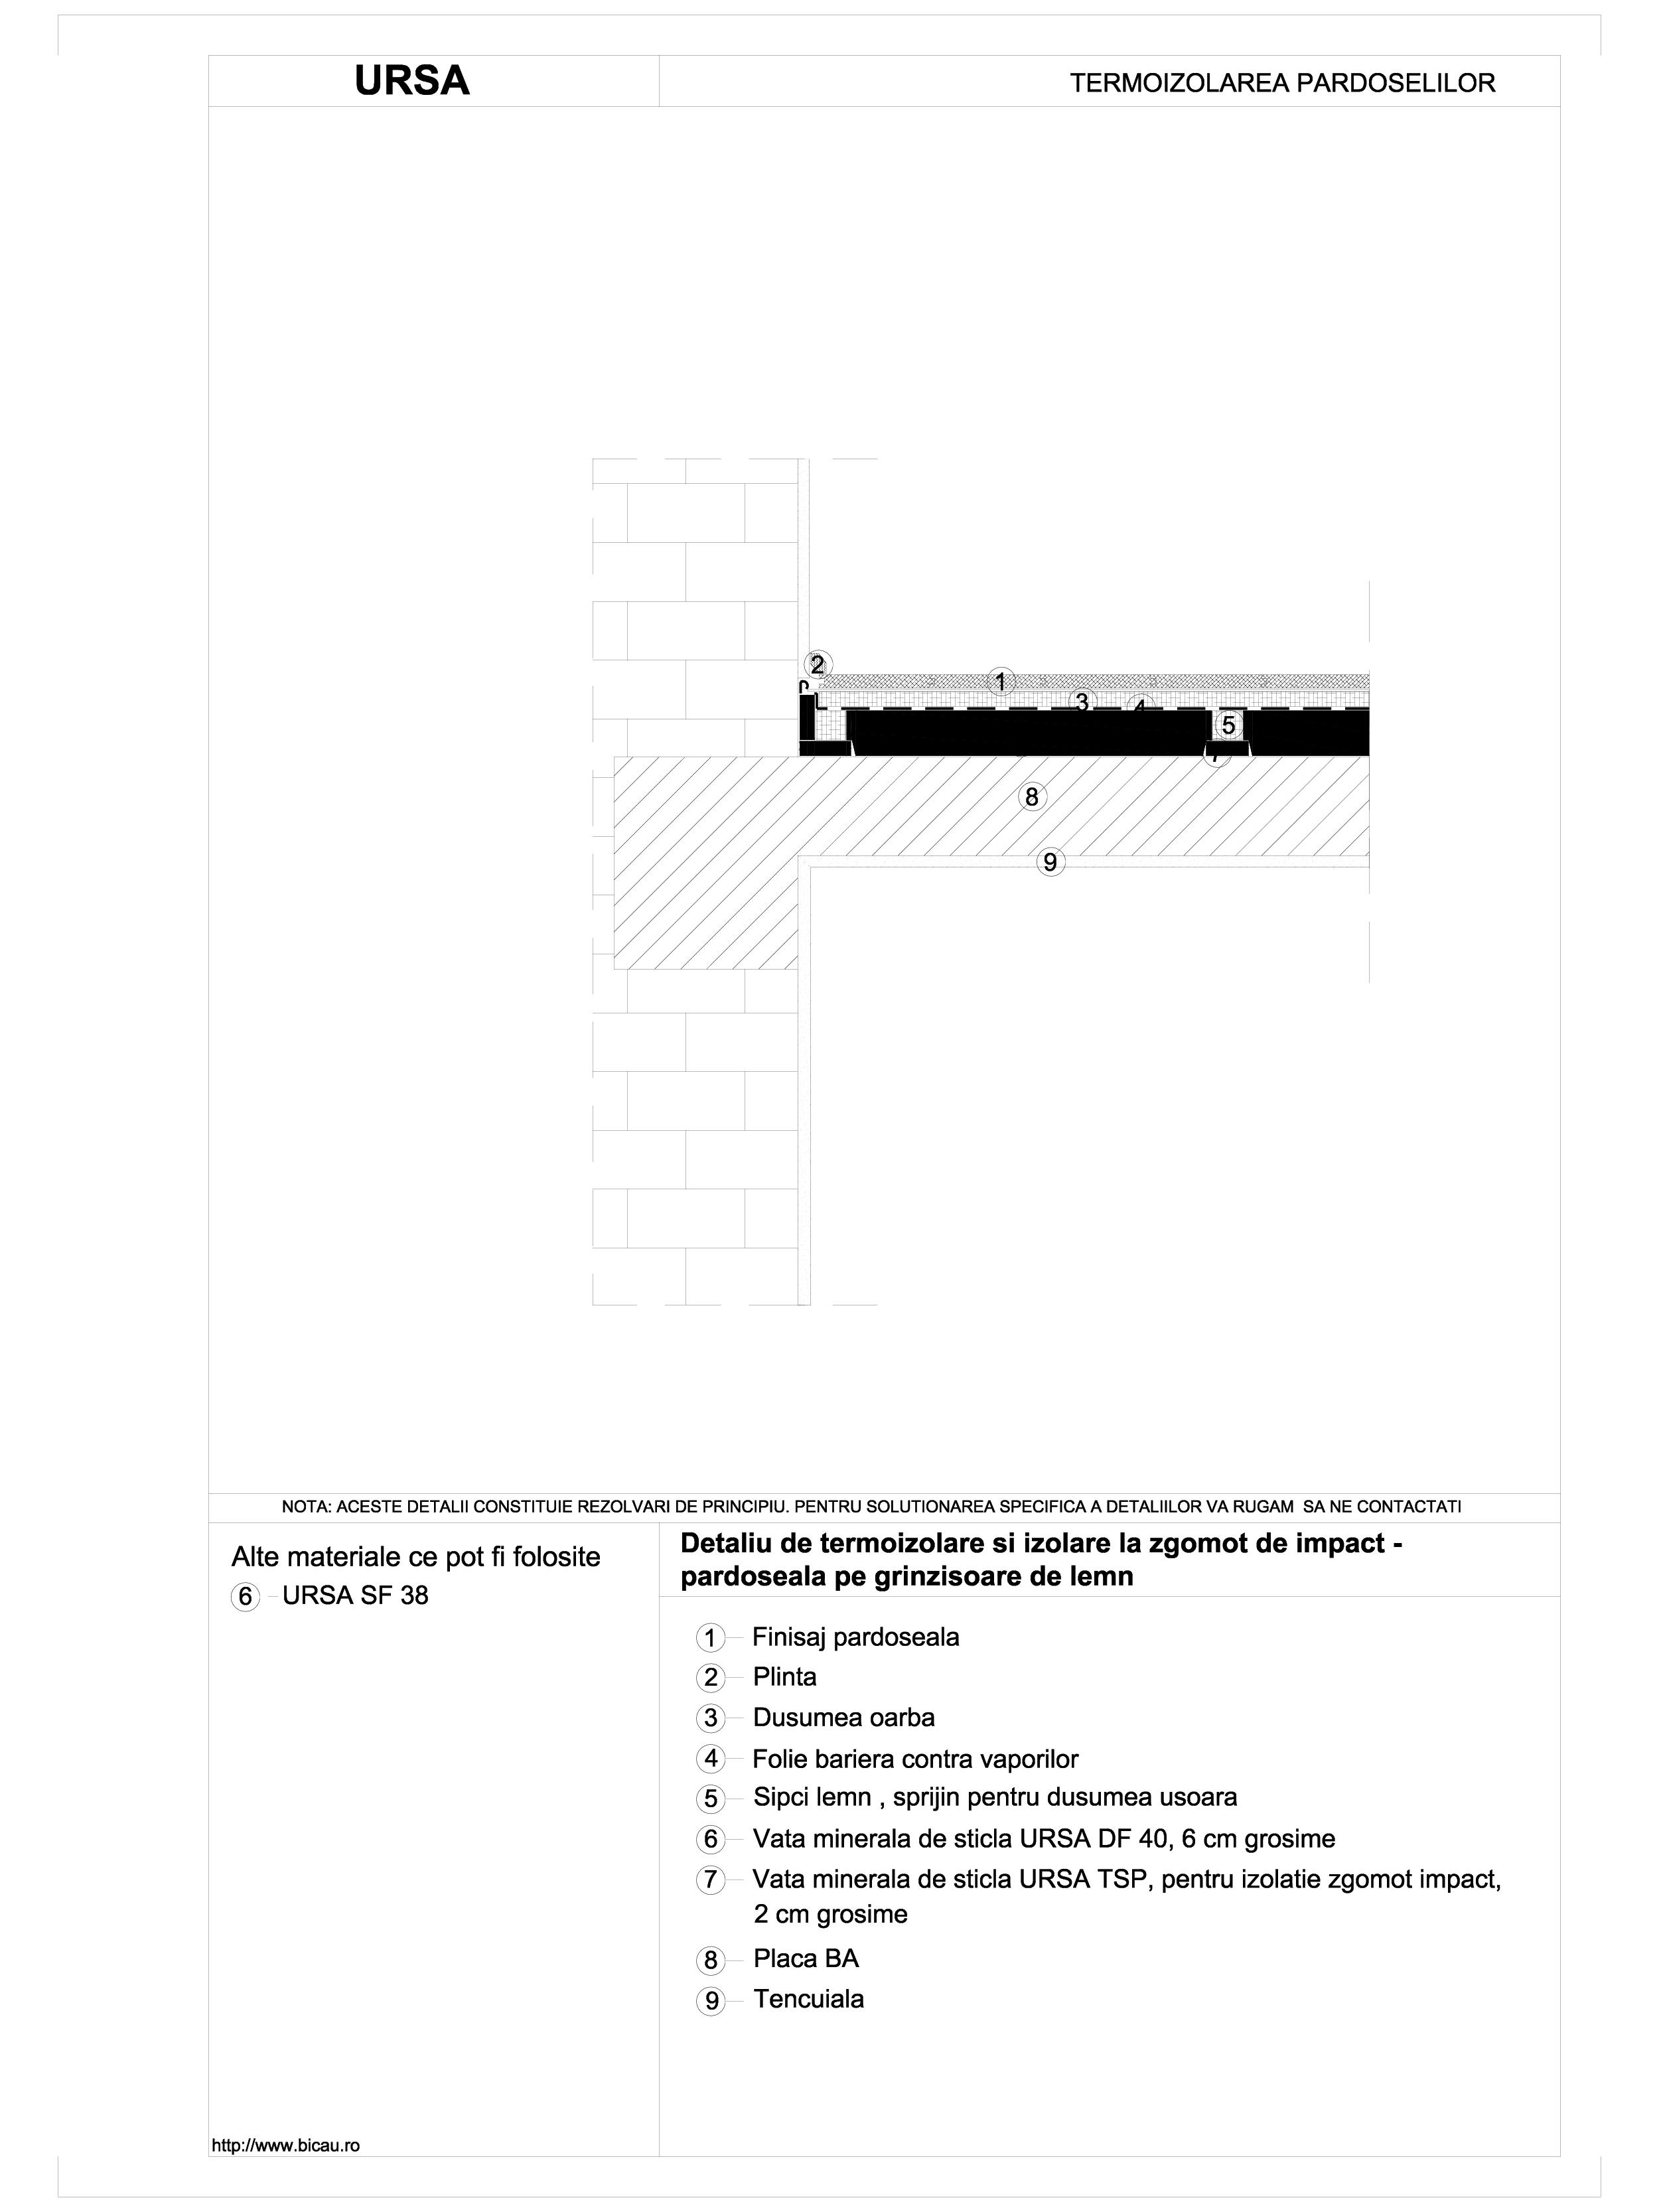 Detaliu de termoizolare si izolare la zgomot de impact - pardoseala pe grinzisoare de lemn TSP URSA Vata minerala pentru pardoseli URSA ROMANIA   - Pagina 1